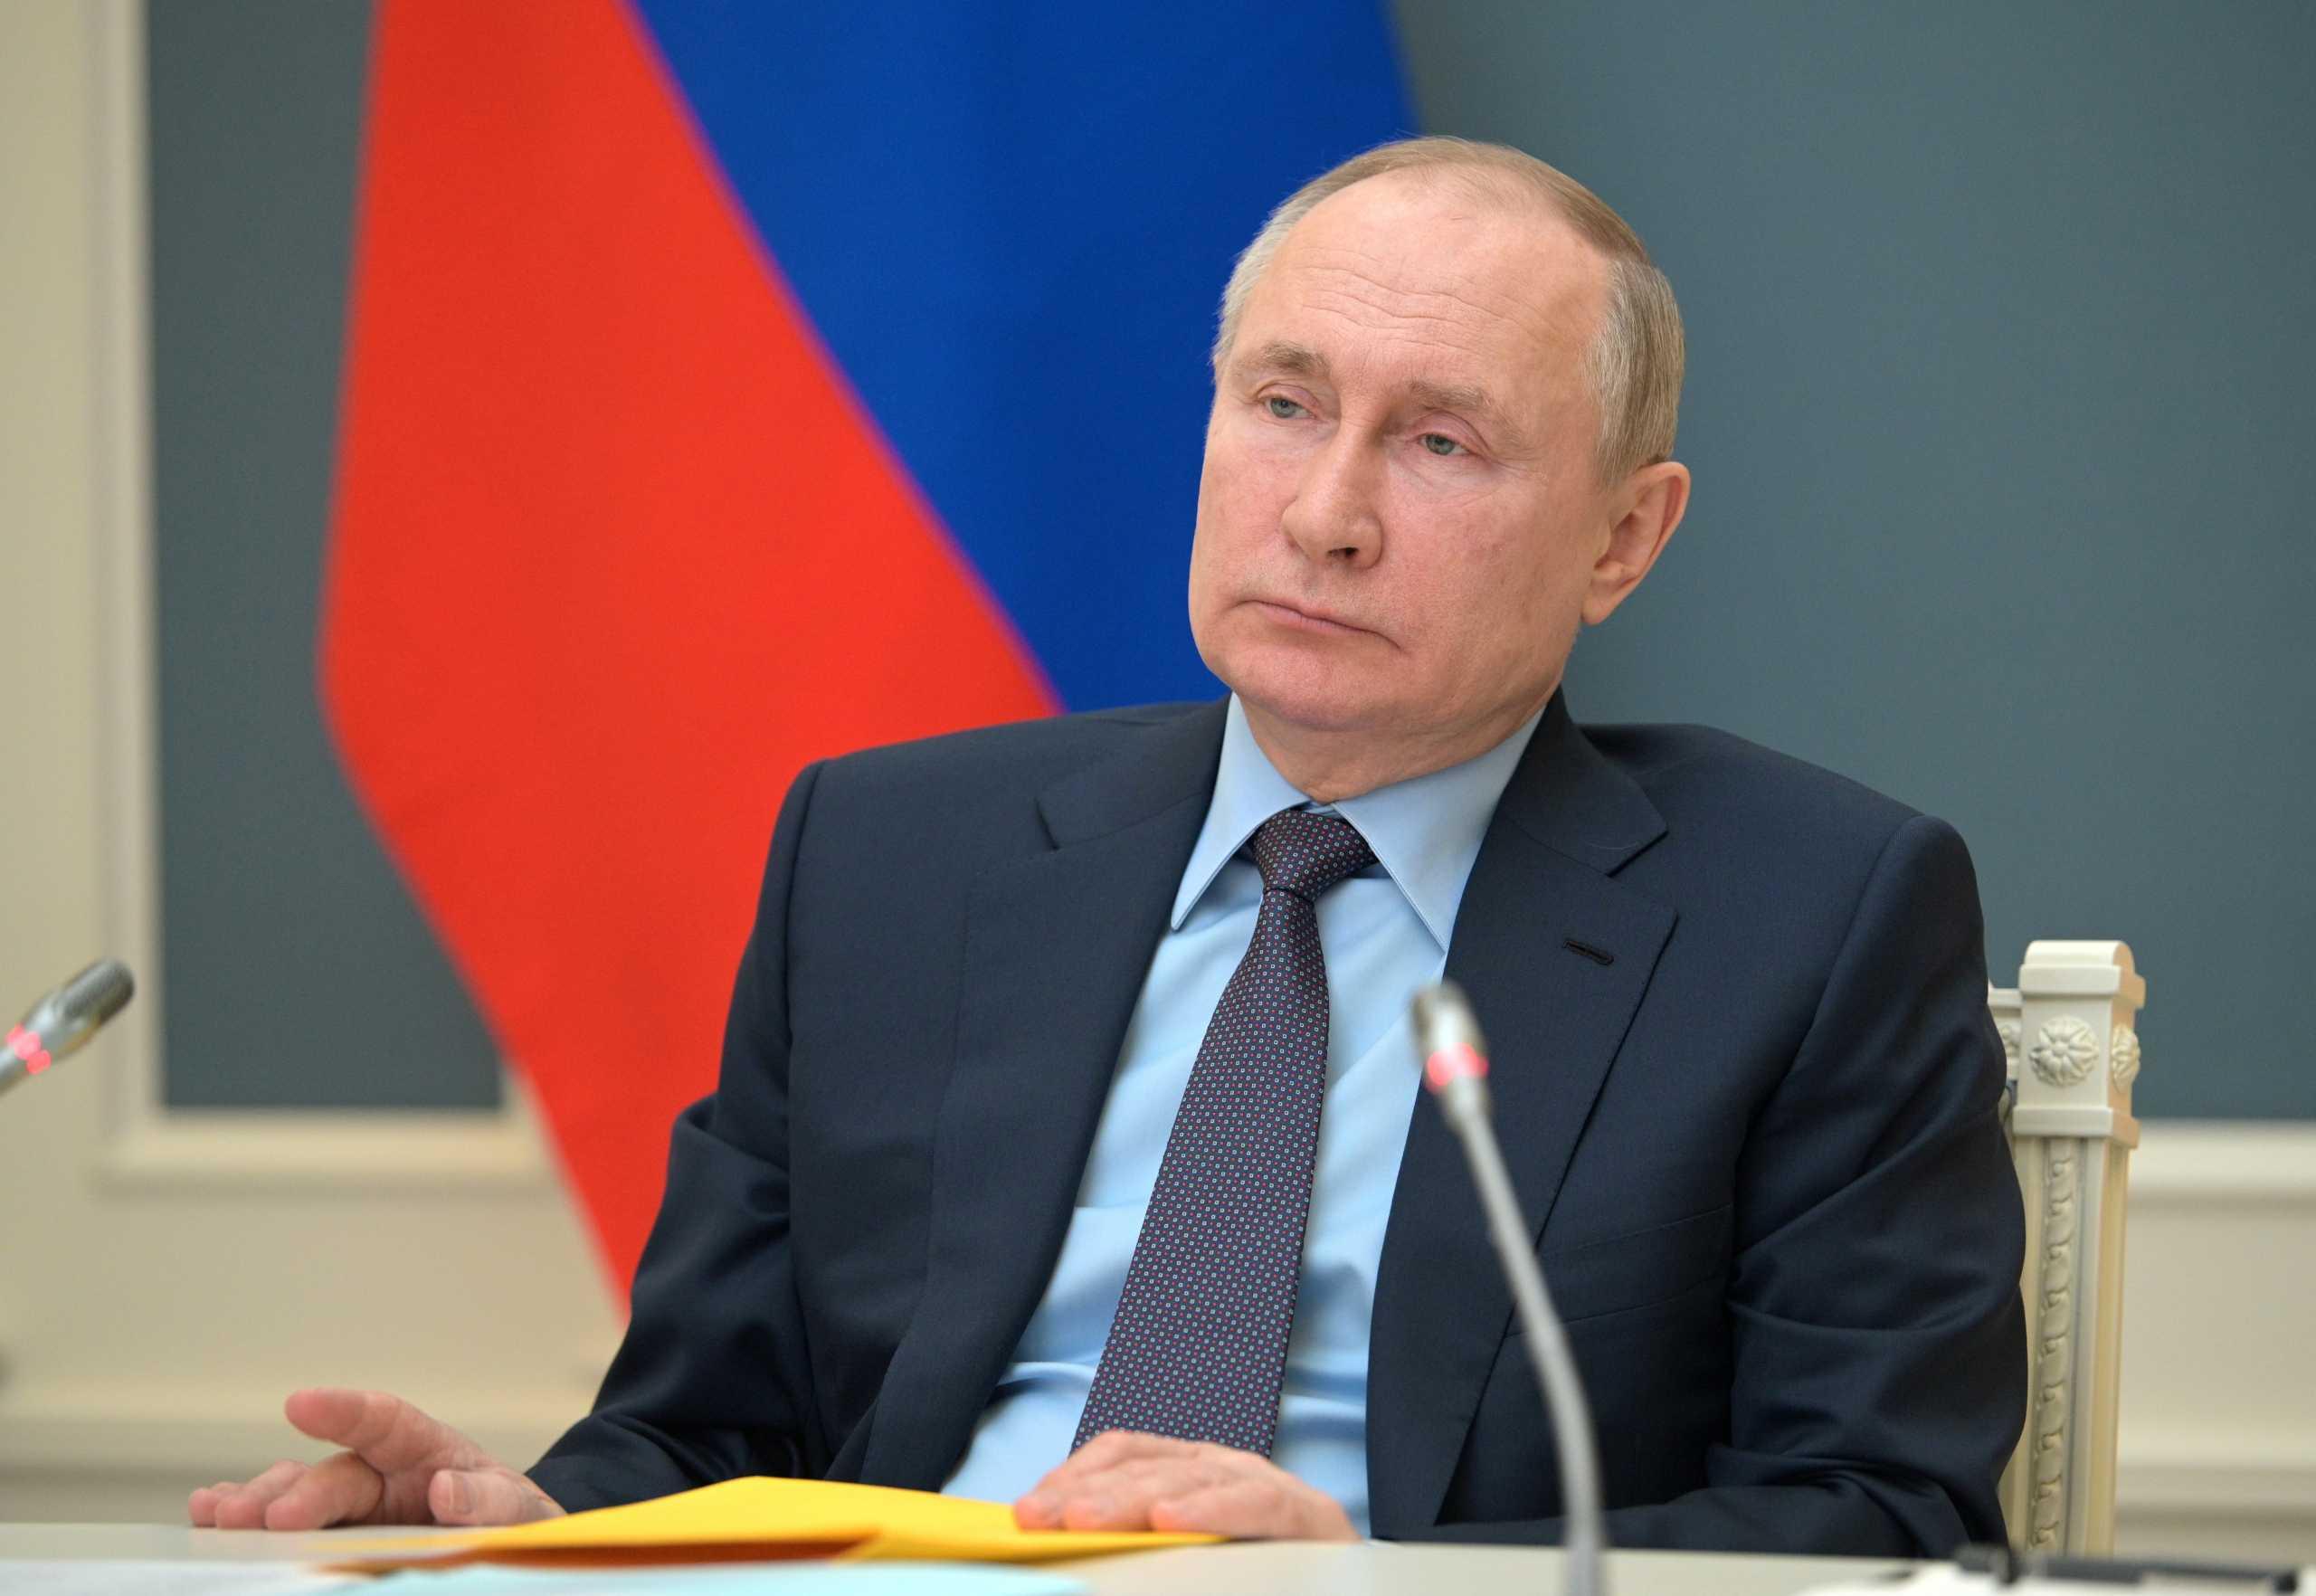 Ο Πούτιν τάσσεται υπέρ της άρσης της πατέντας για τα εμβόλια κορονοϊού